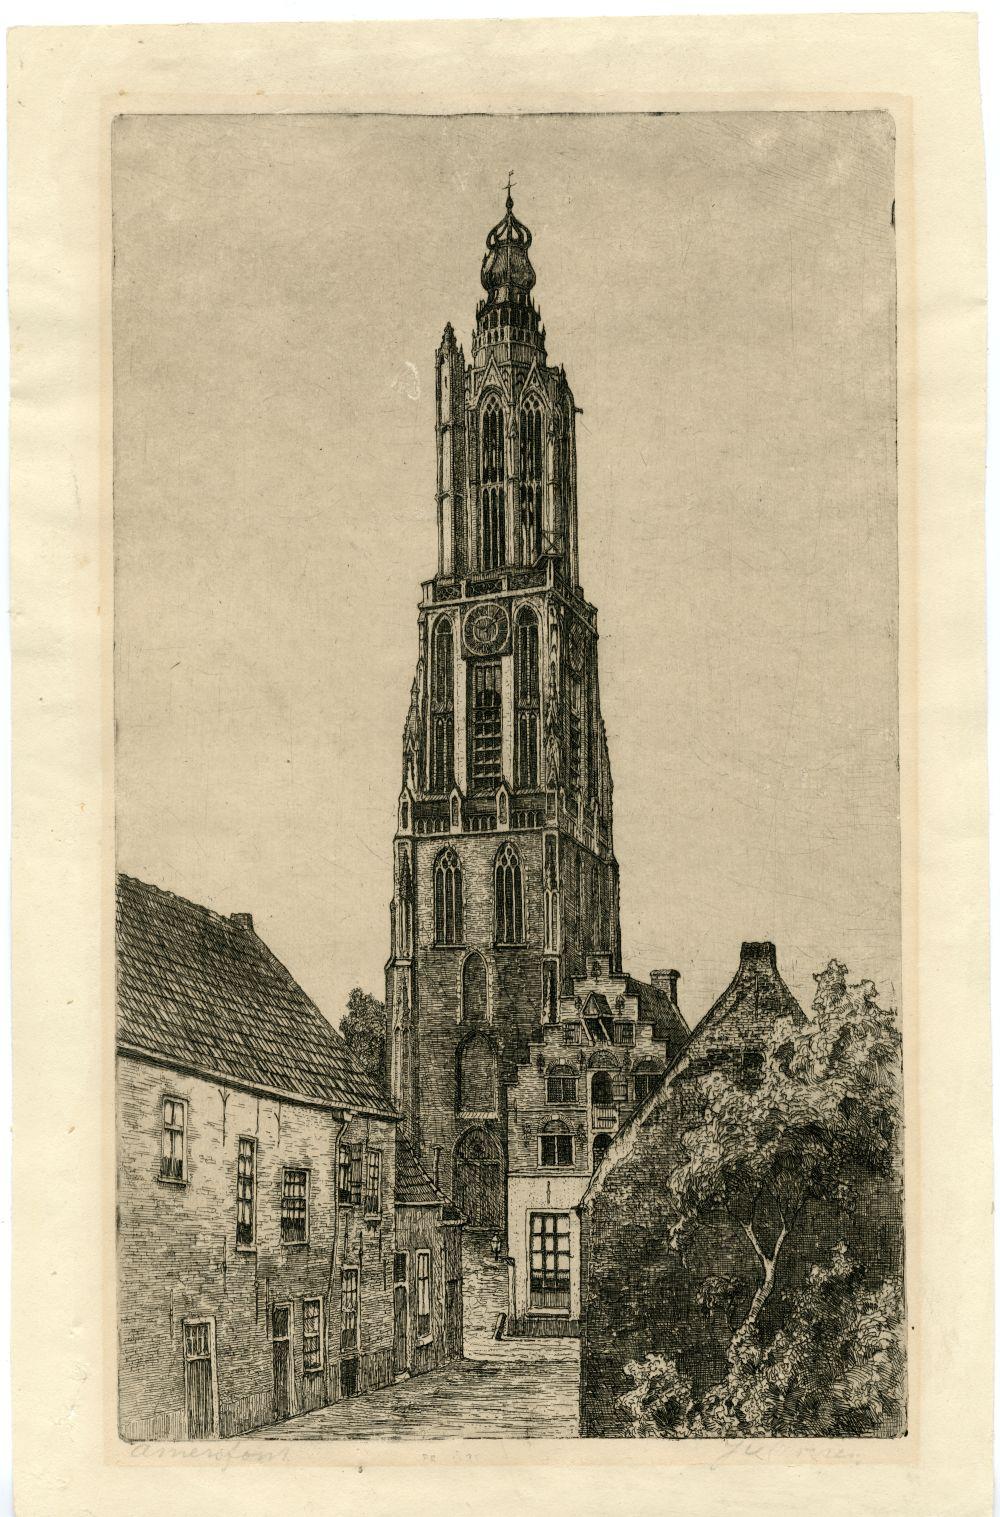 Ets van de toren van Amersfoort door J. van Oeveren